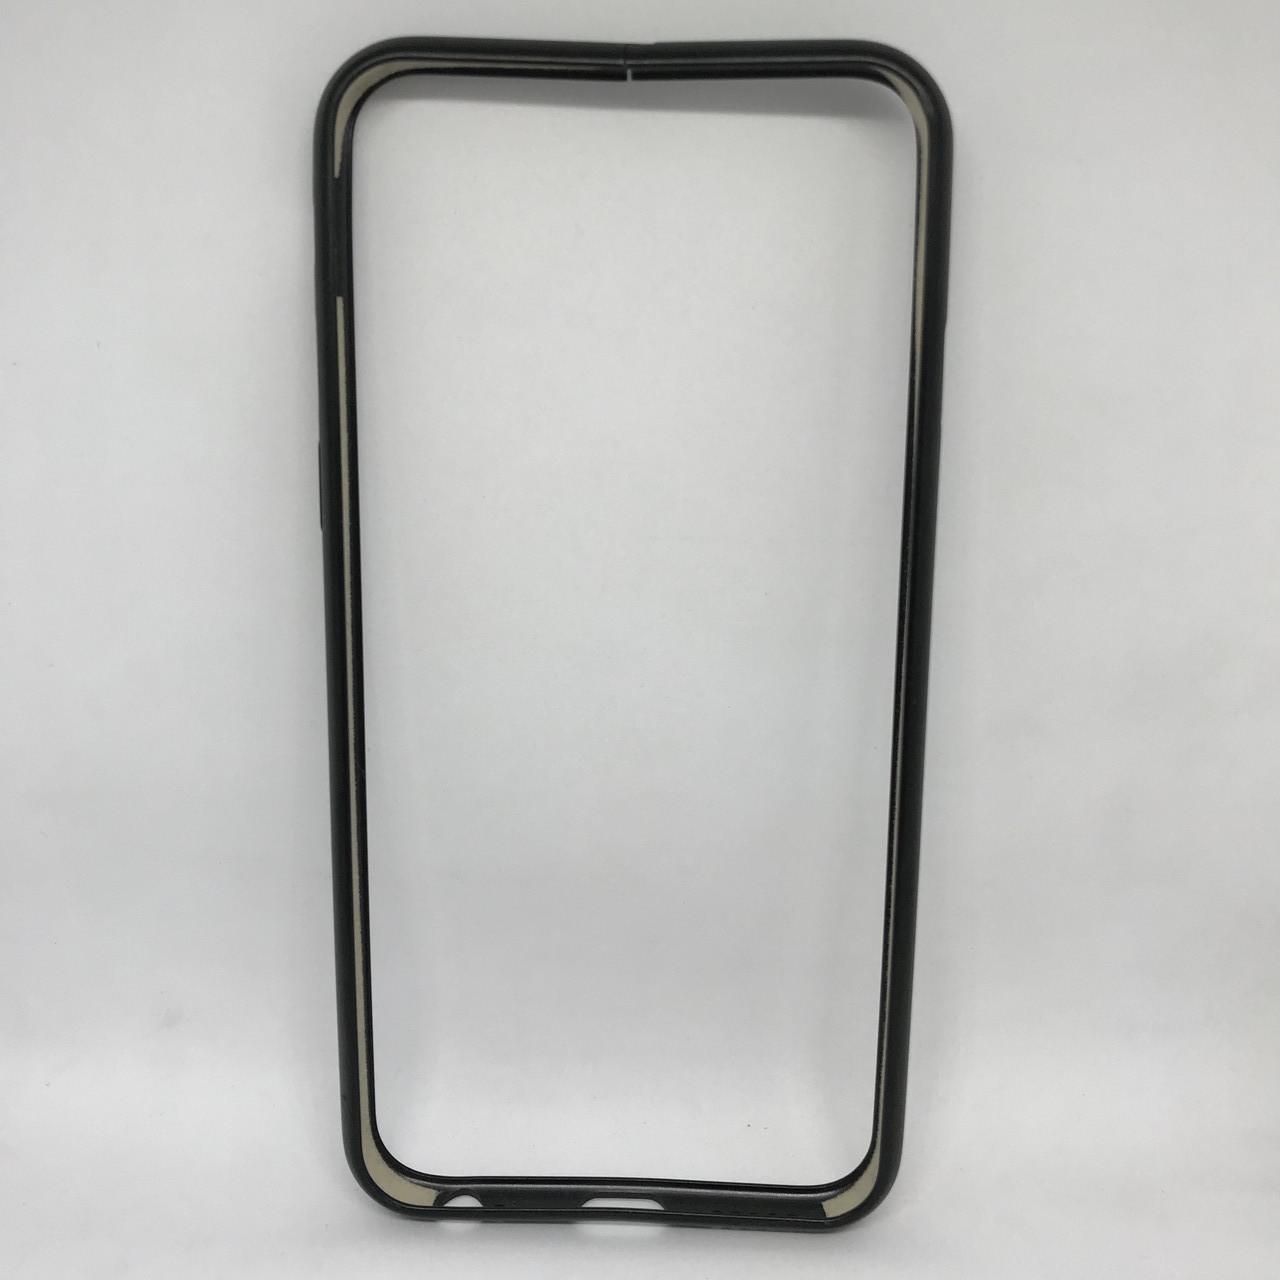 Чехол бампер на заднюю панель iPhone 6 / 6s прозрачный